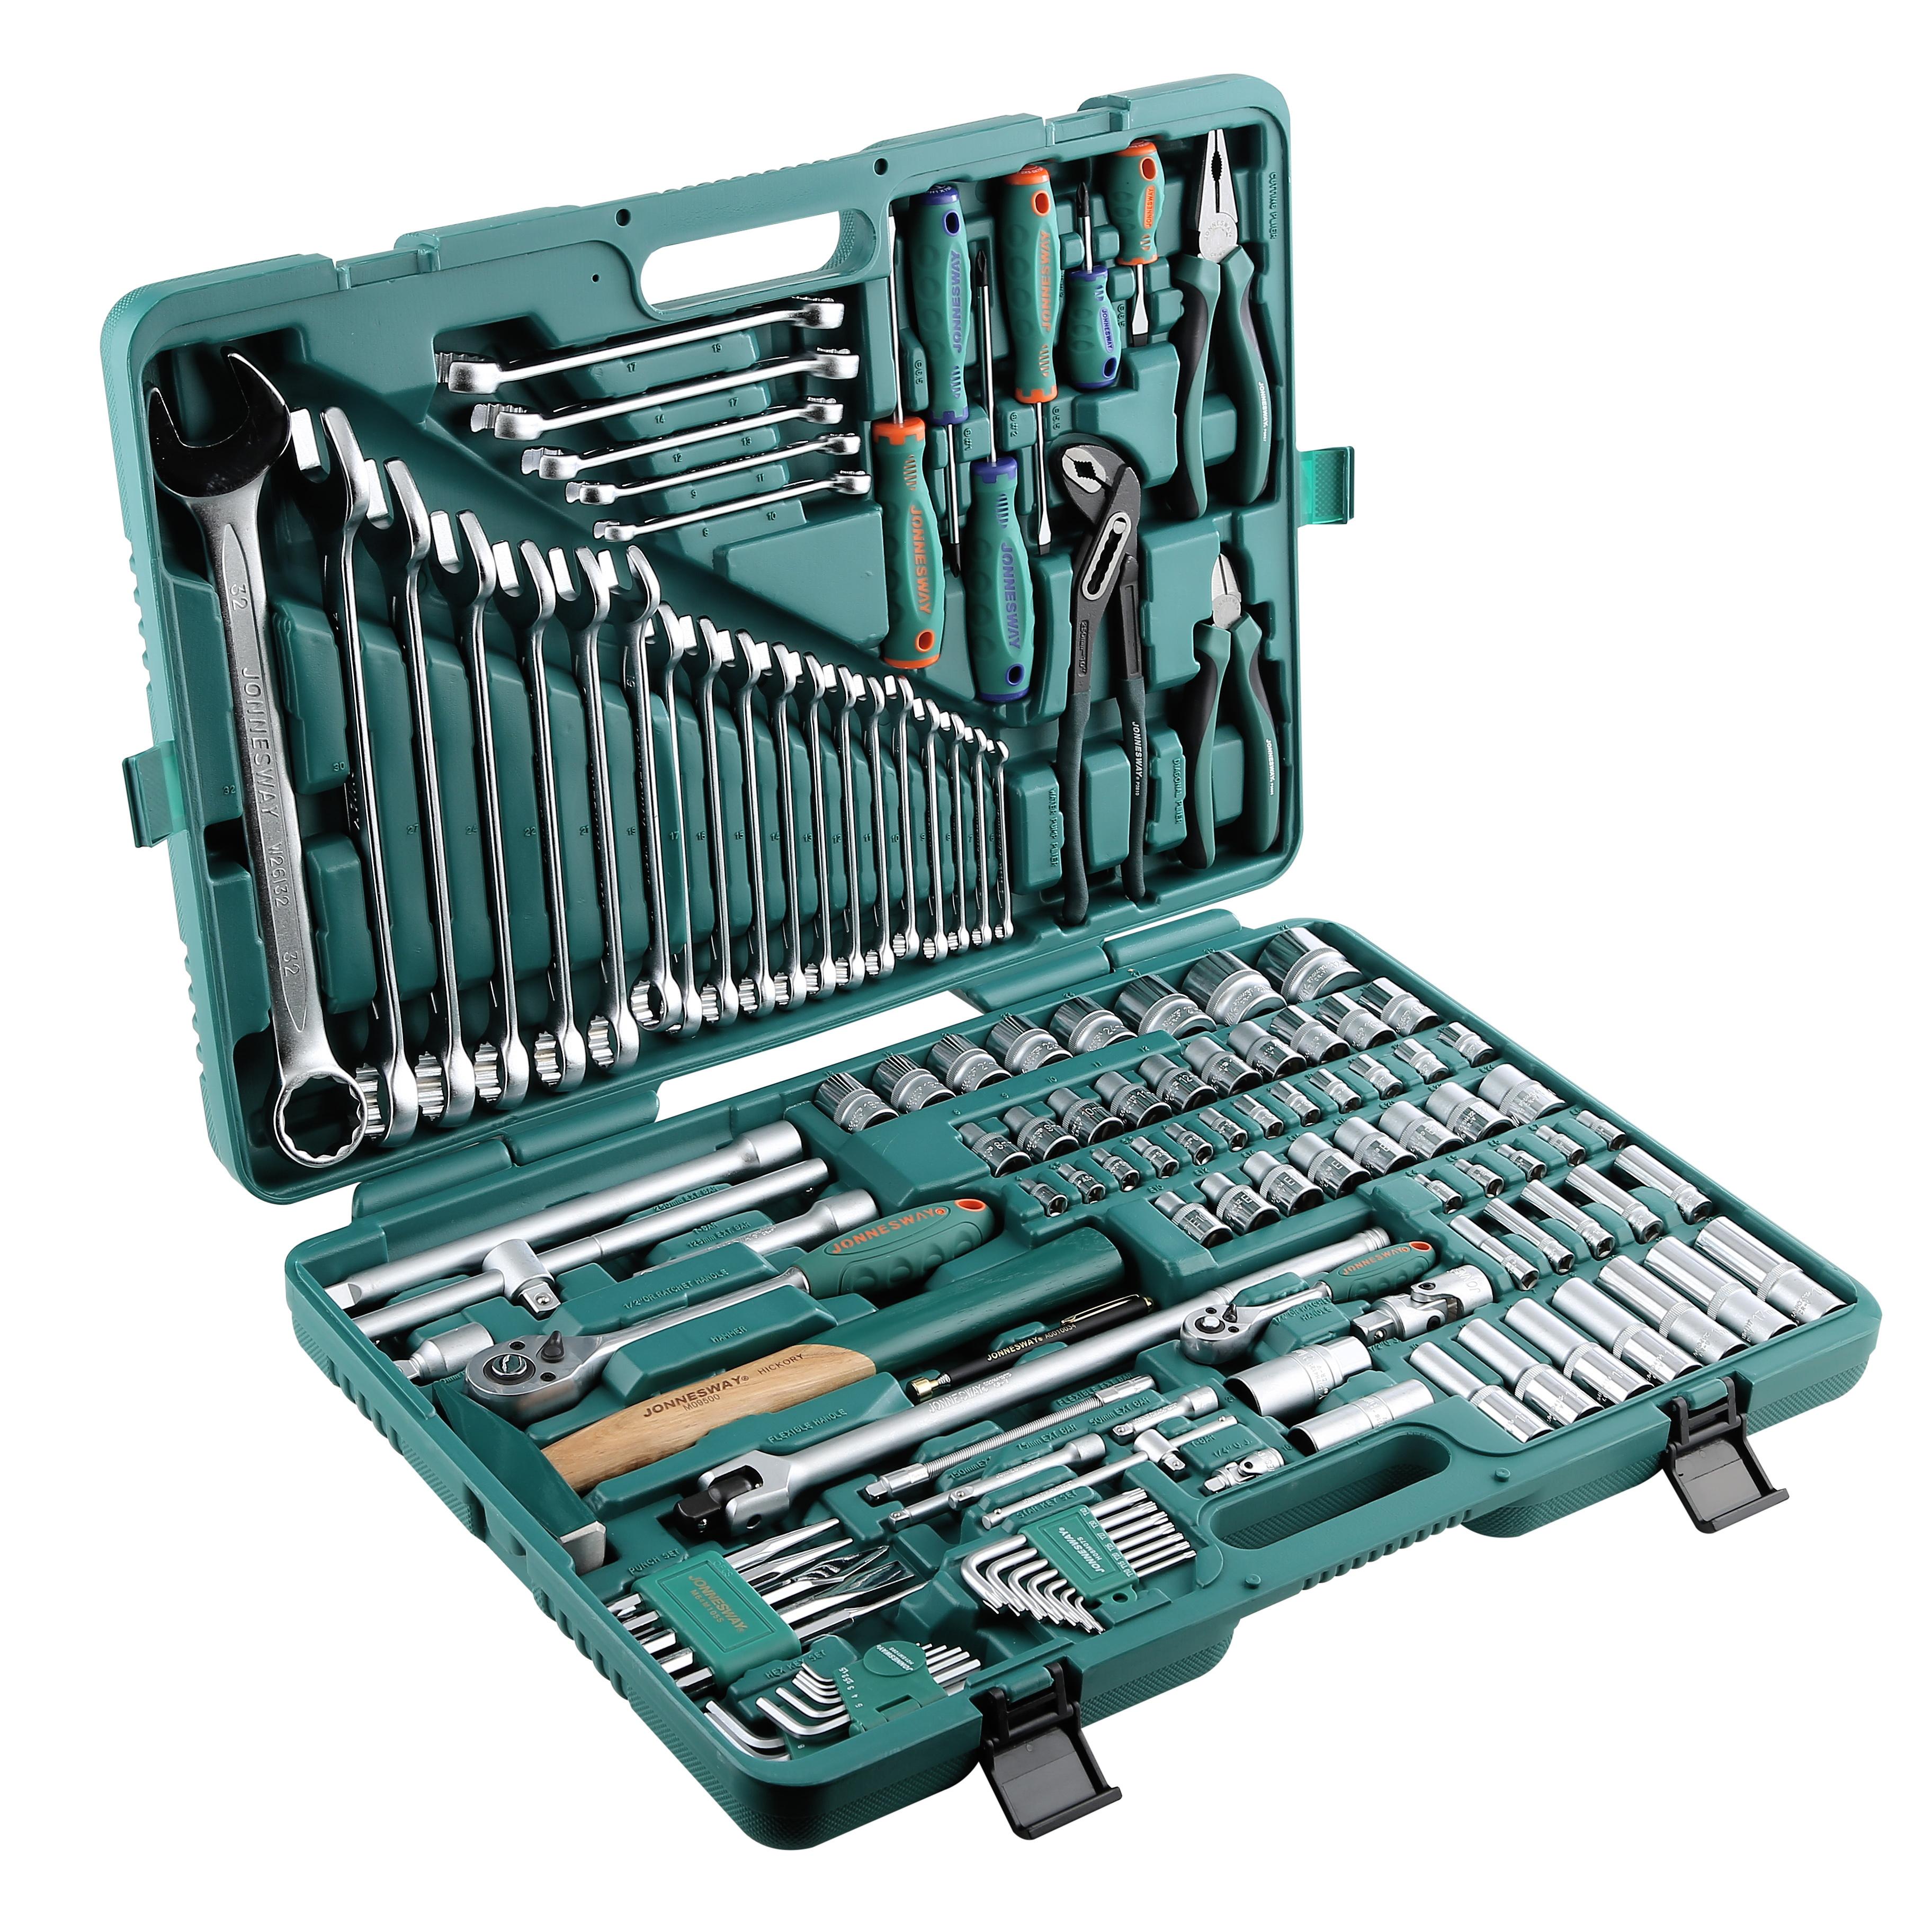 Фото 2/2 S04h524127s, Профессиональный набор инструментов, 127 предметов